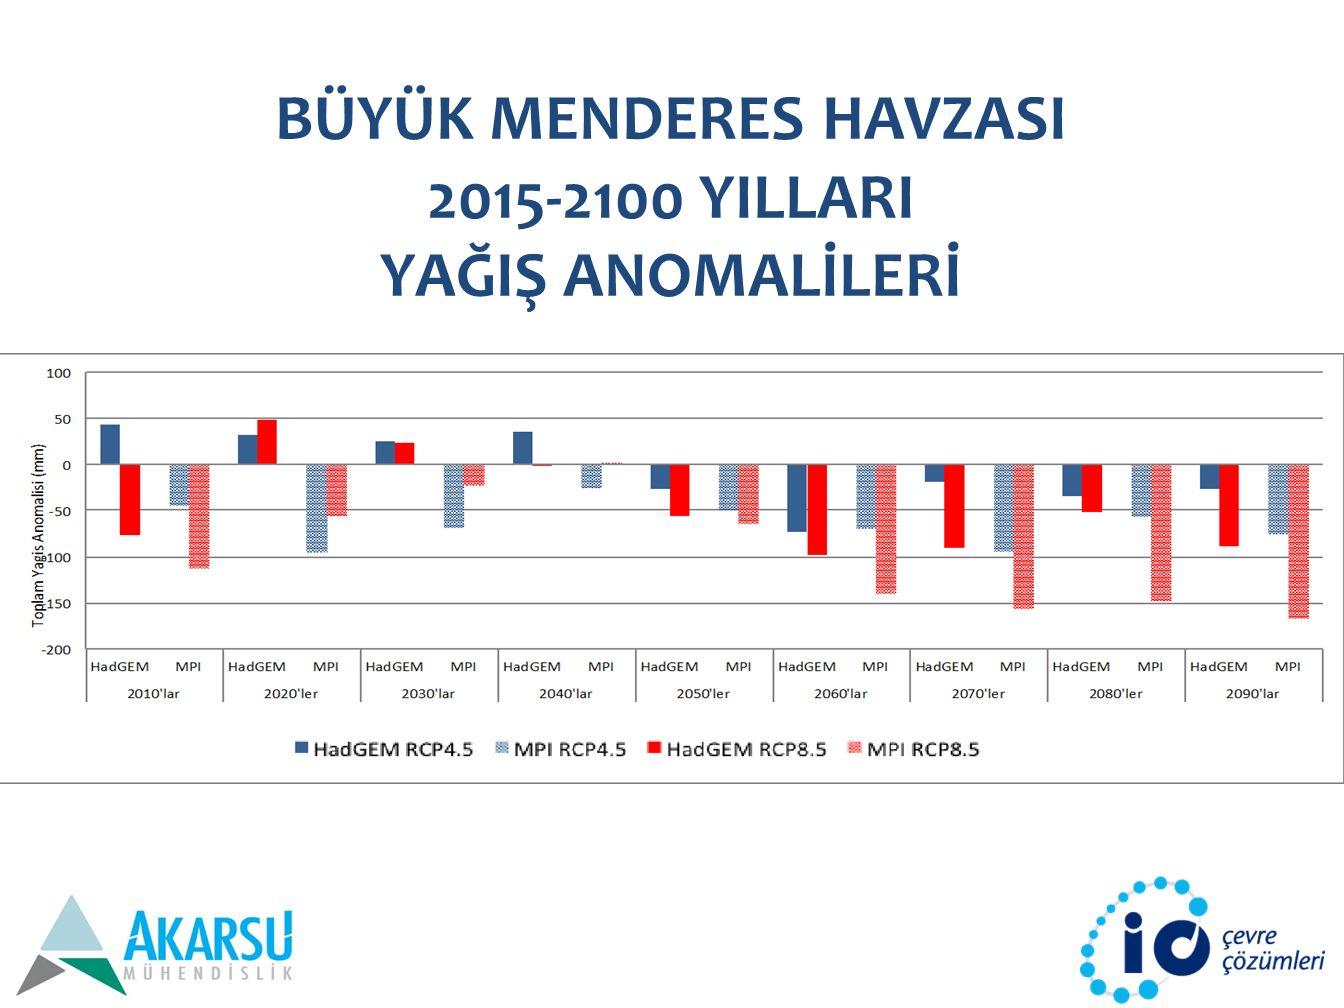 BÜYÜK MENDERES HAVZASI 2015-2100 YILLARI YAĞIŞ ANOMALİLERİ